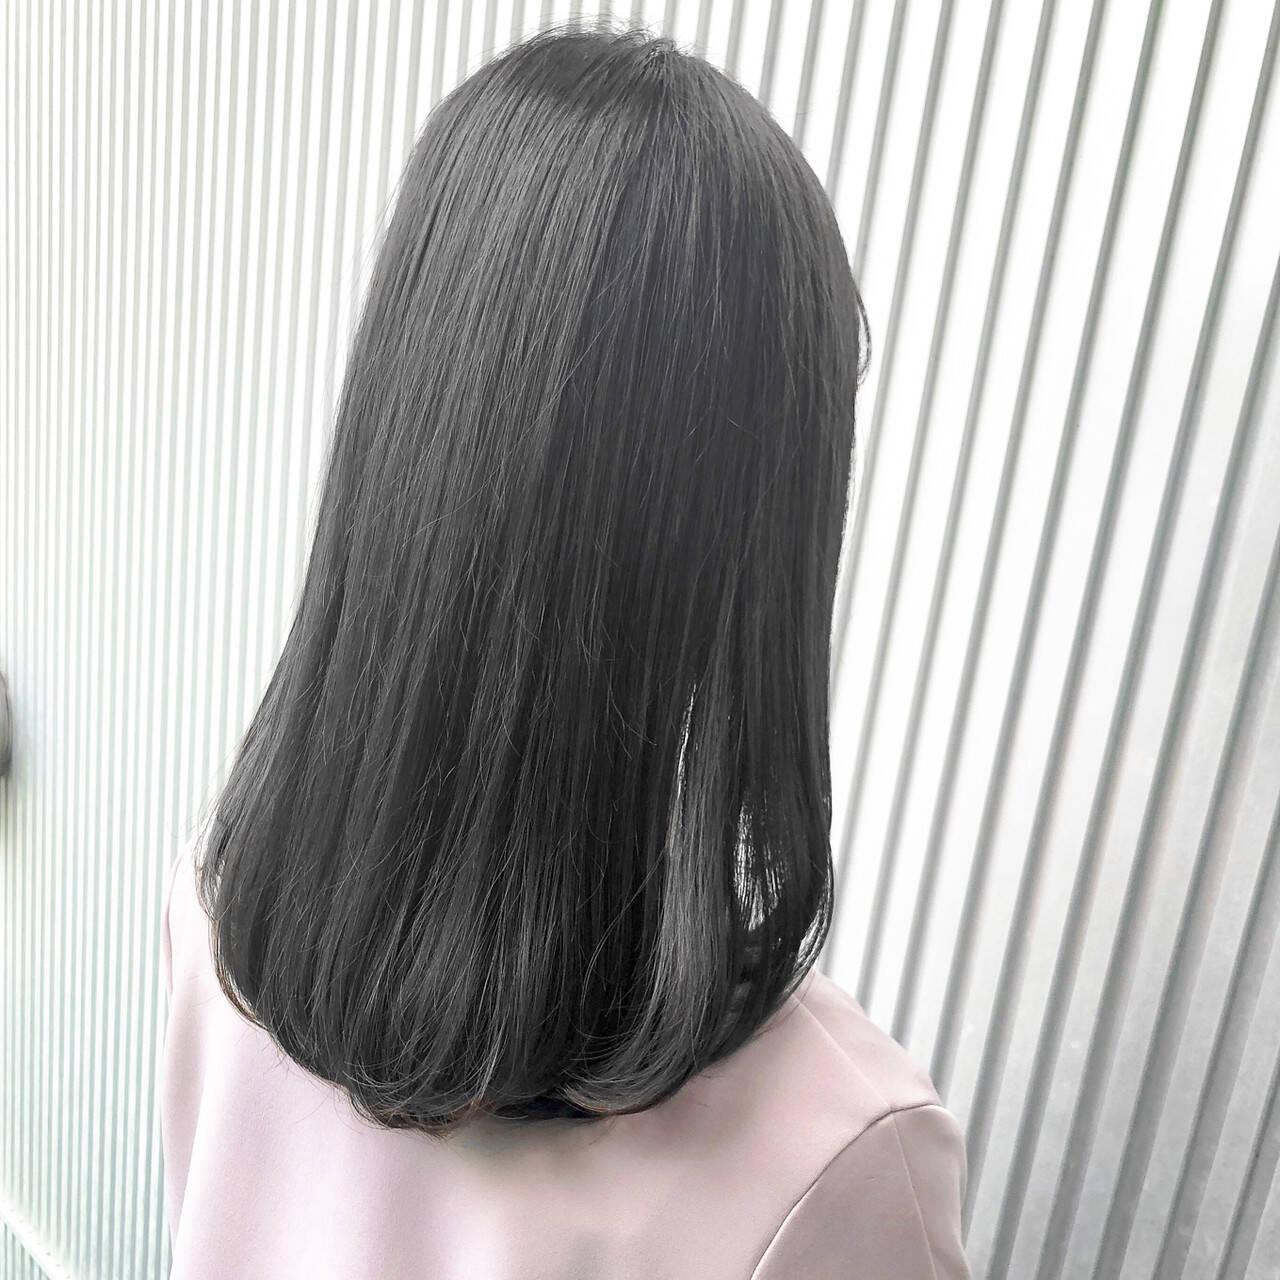 前髪 ストレート ナチュラル グレージュヘアスタイルや髪型の写真・画像